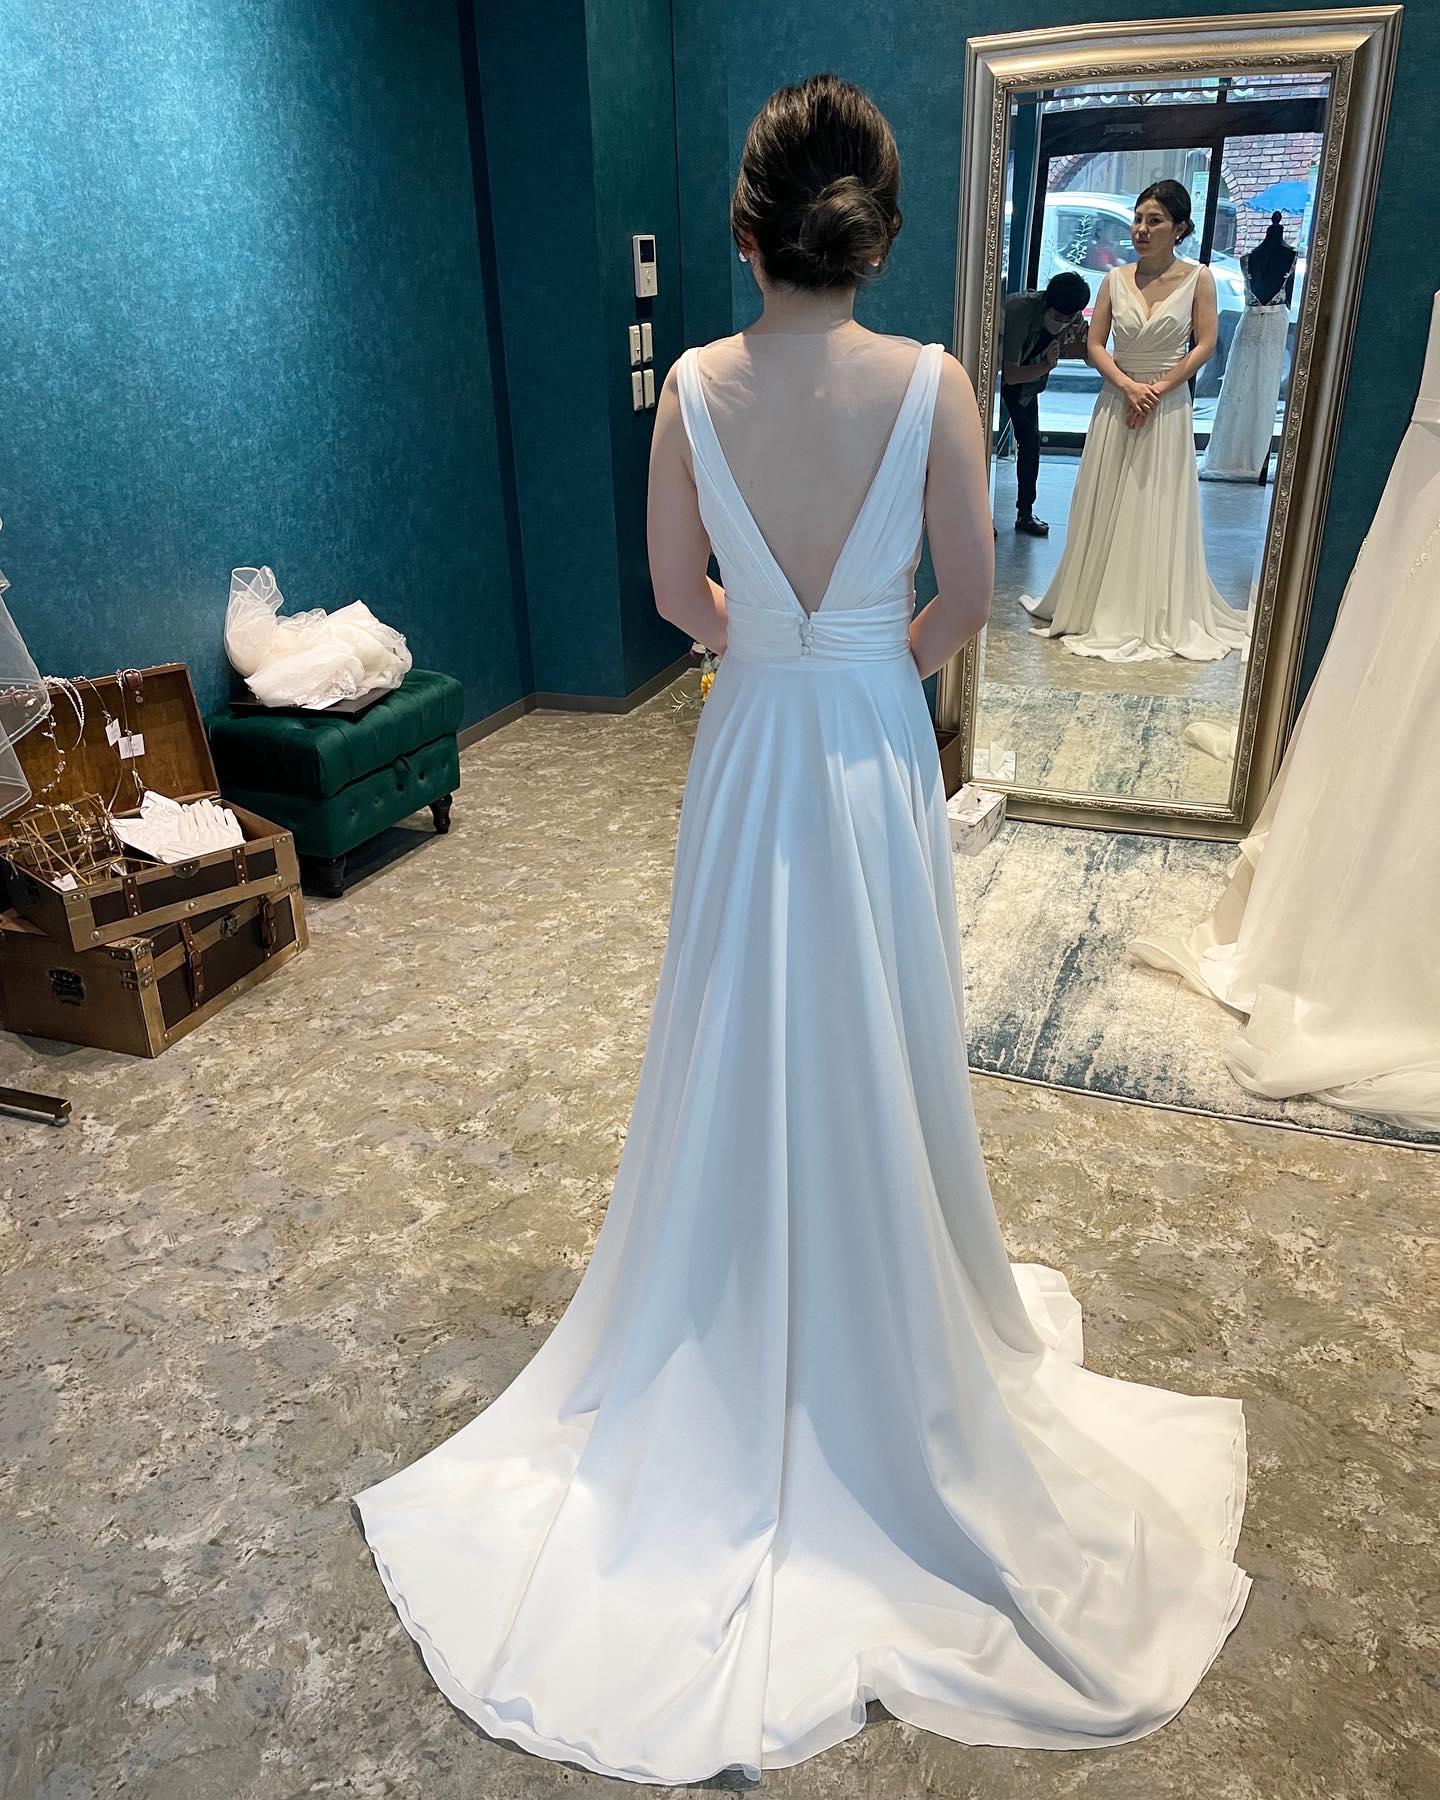 """・先日のご試着のお客様🕊・シンプルなVネックのスレンダーにビジューが輝くオーバードレスをレイヤード🤍・大好きな一着のドレスを沢山のアレンジで楽しんで・""""JOHANA """"購入価格:¥280,000""""over dress""""購入価格:¥90,000・#wedding #weddingdress #instagood #instalike #claras #paris #ellemariage #ウェディングドレス #プレ花嫁 #ドレス試着 #ドレス迷子#2021冬婚 #ヘアメイク #結婚式  #ドレス選び #前撮り #インポートドレス #フォトウェディング #ウェディングヘア  #フォト婚 #ニューノーマル #ブライダルフォト #カップルフォト #ウェディングドレス探し #ウェディングドレス試着 #セルドレス #ドレスショップ  #エルマリアージュ #オーバードレス"""